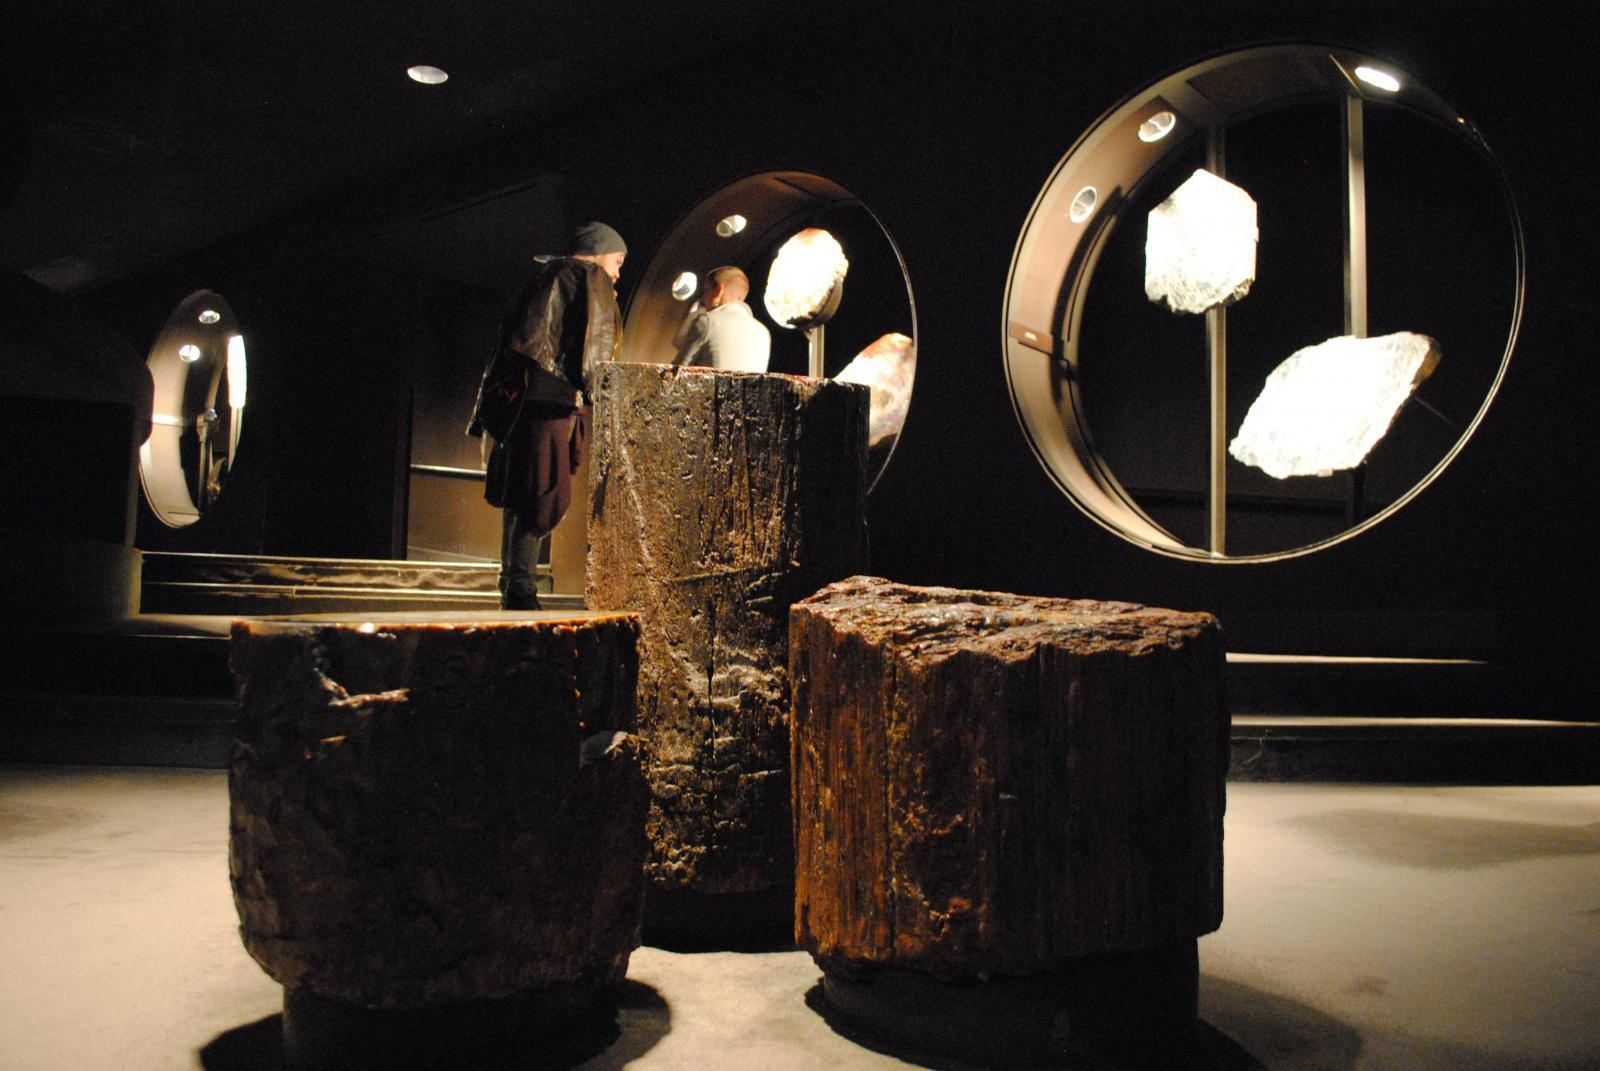 Minerales y piedras preciosas en el Museo de Historia Natural de Nueva York